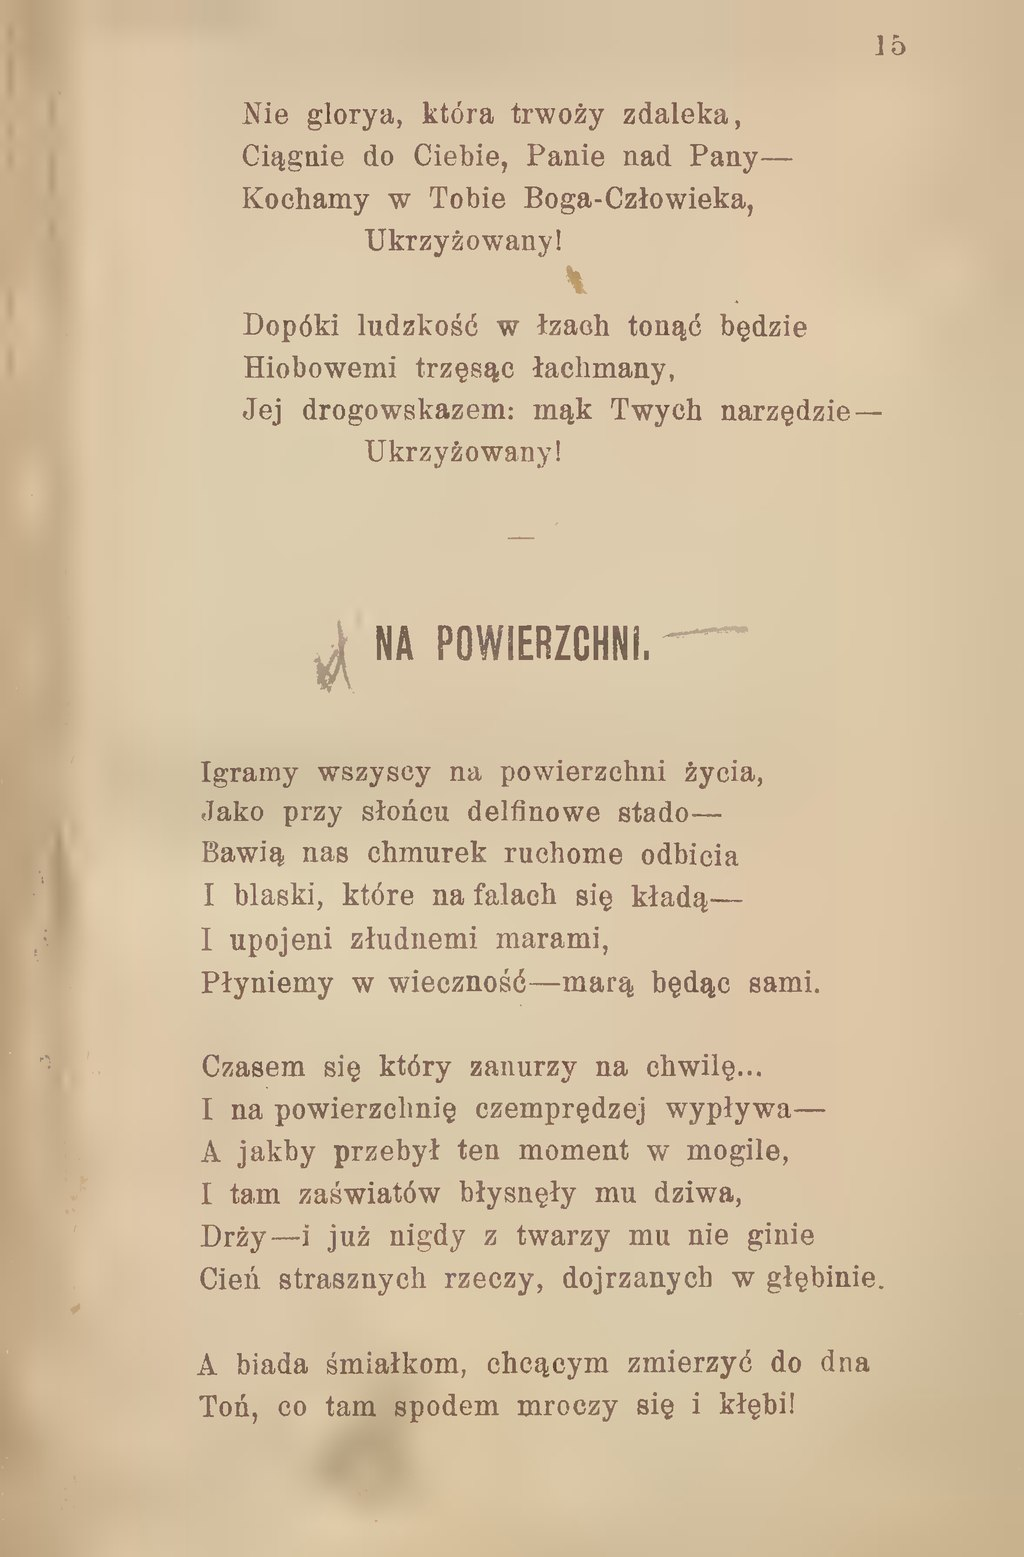 Stronagomulickiego Wiktora Wiersze Zbiór Nowydjvu18